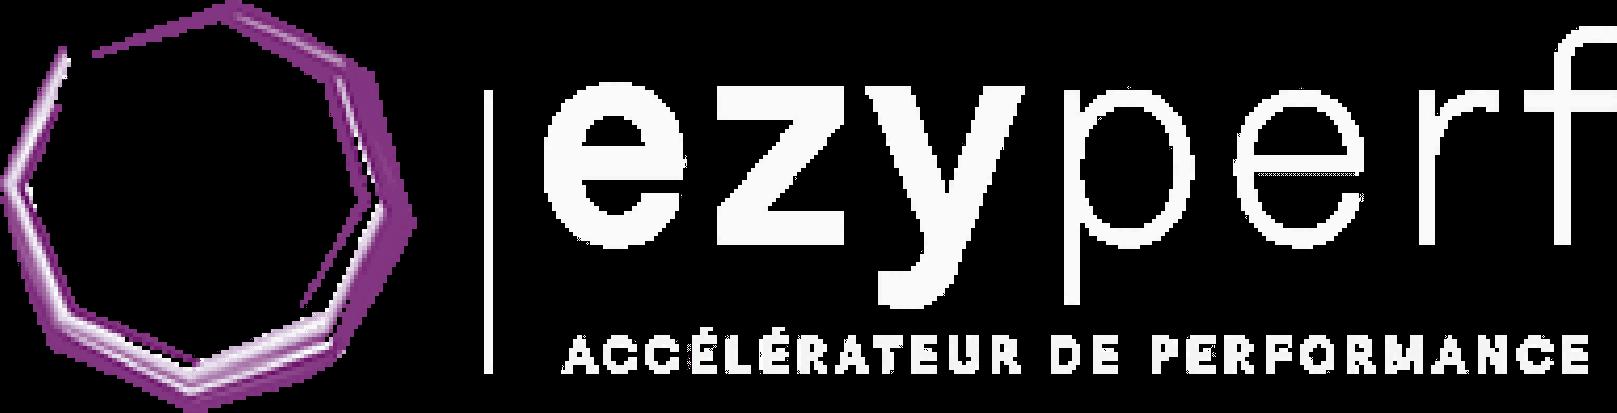 logo ezyperf blanc